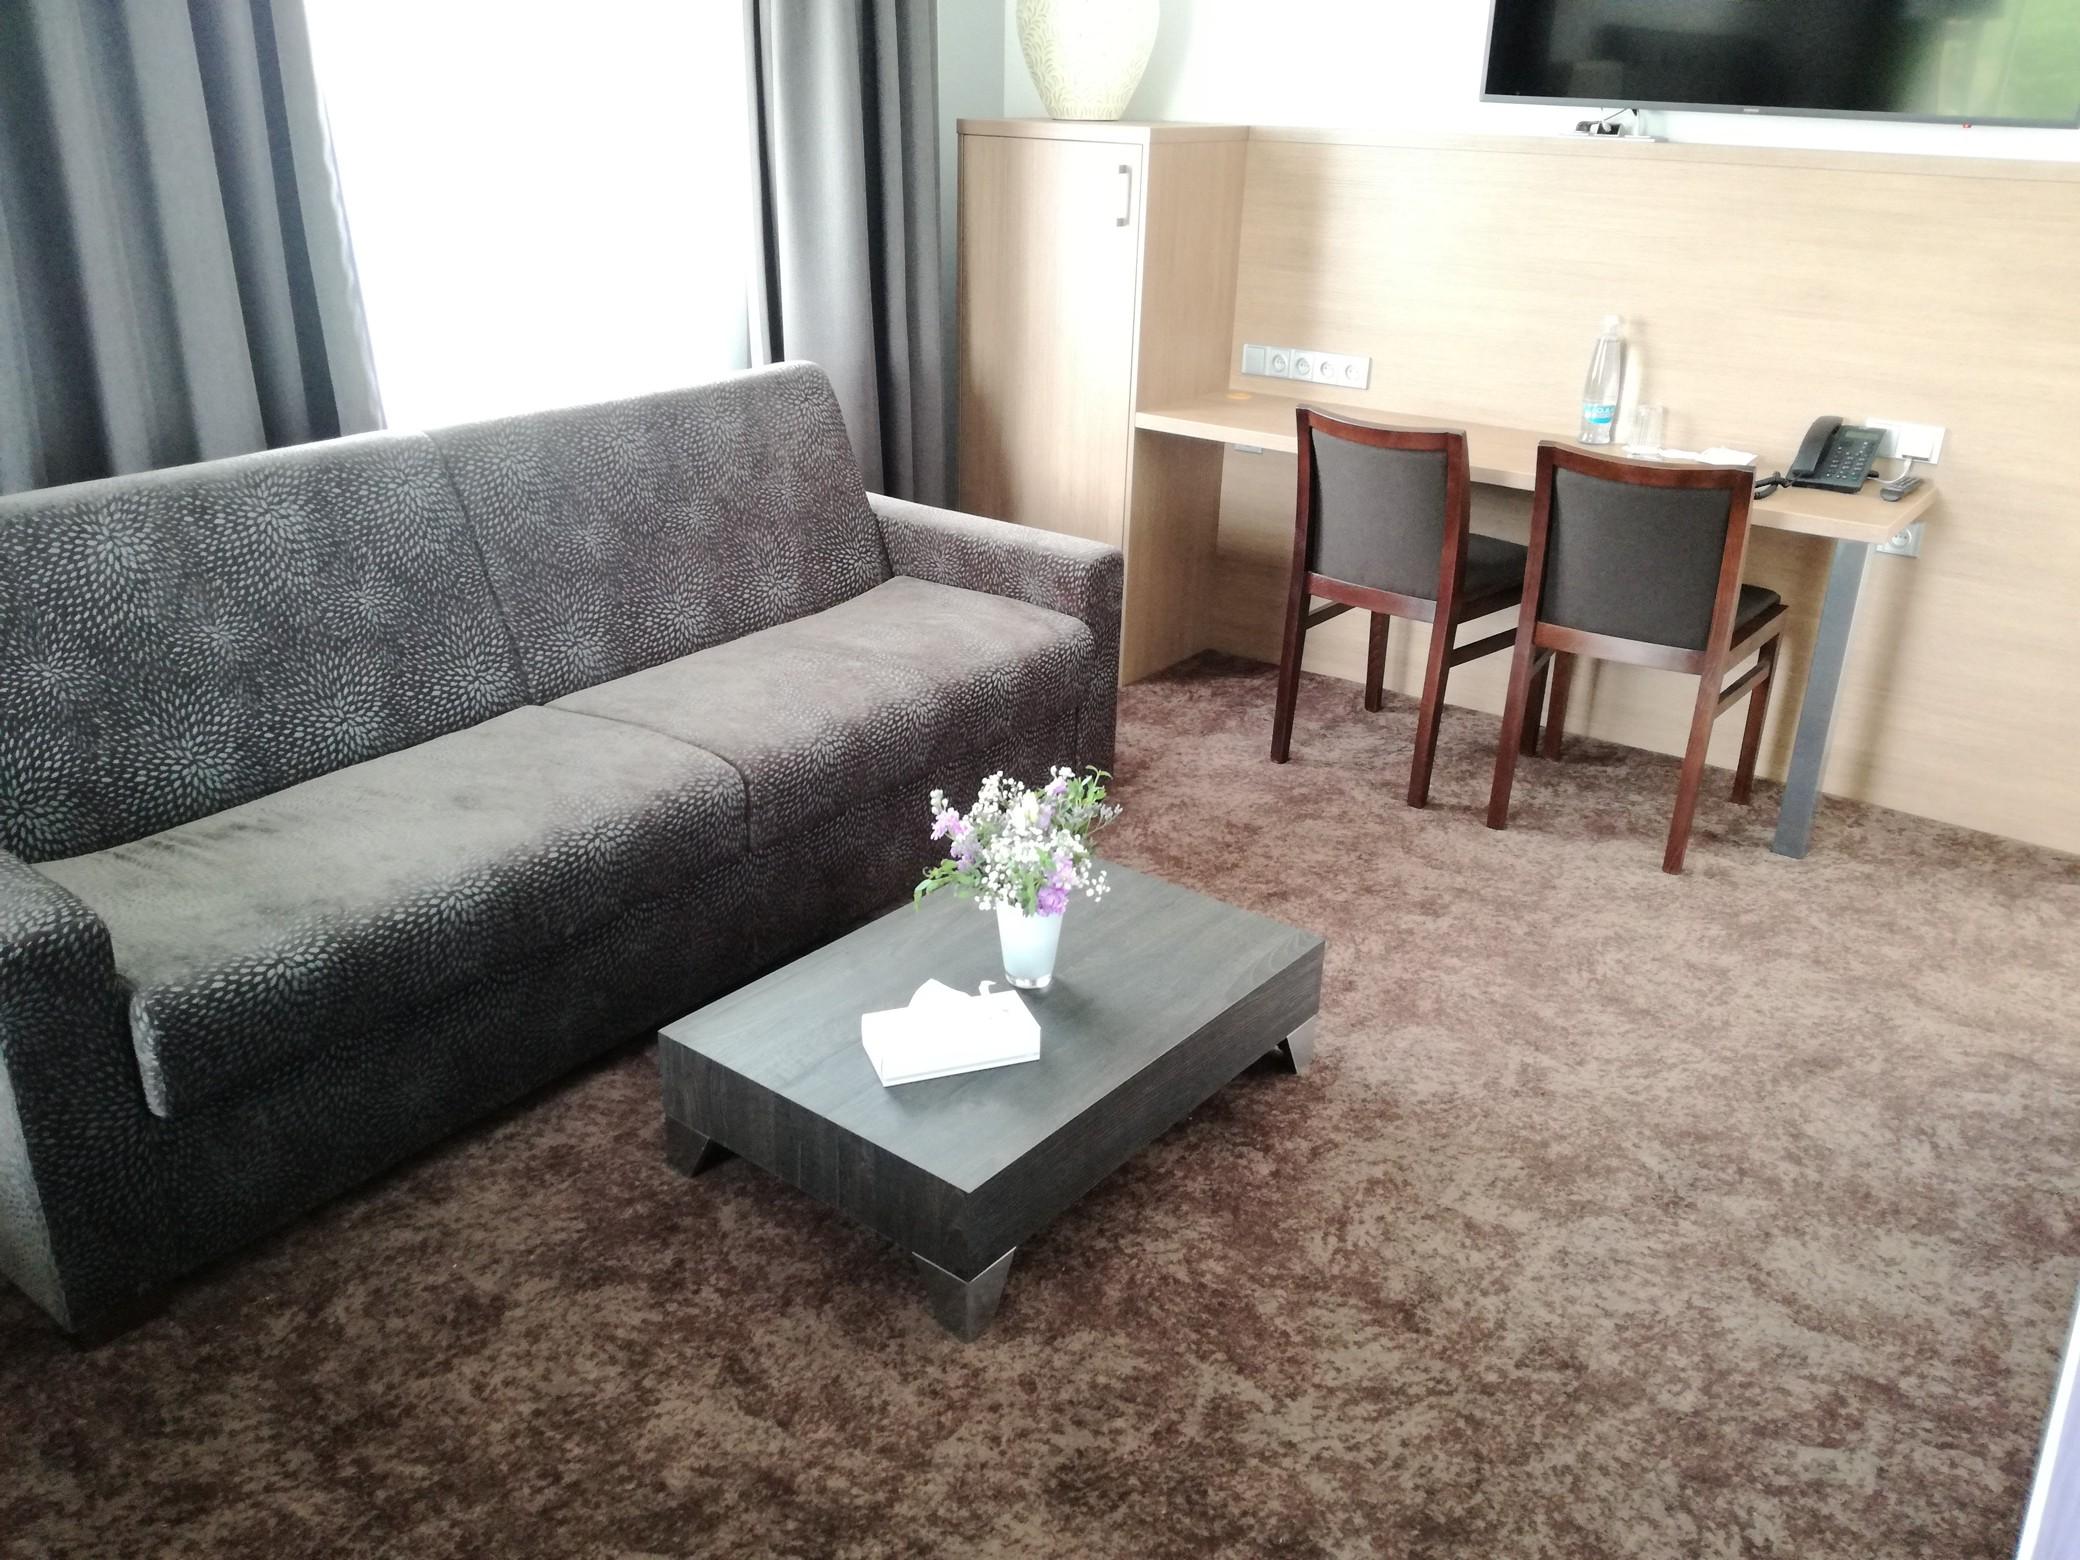 podlahy, podložky, koberce, napínání koberců, hotel